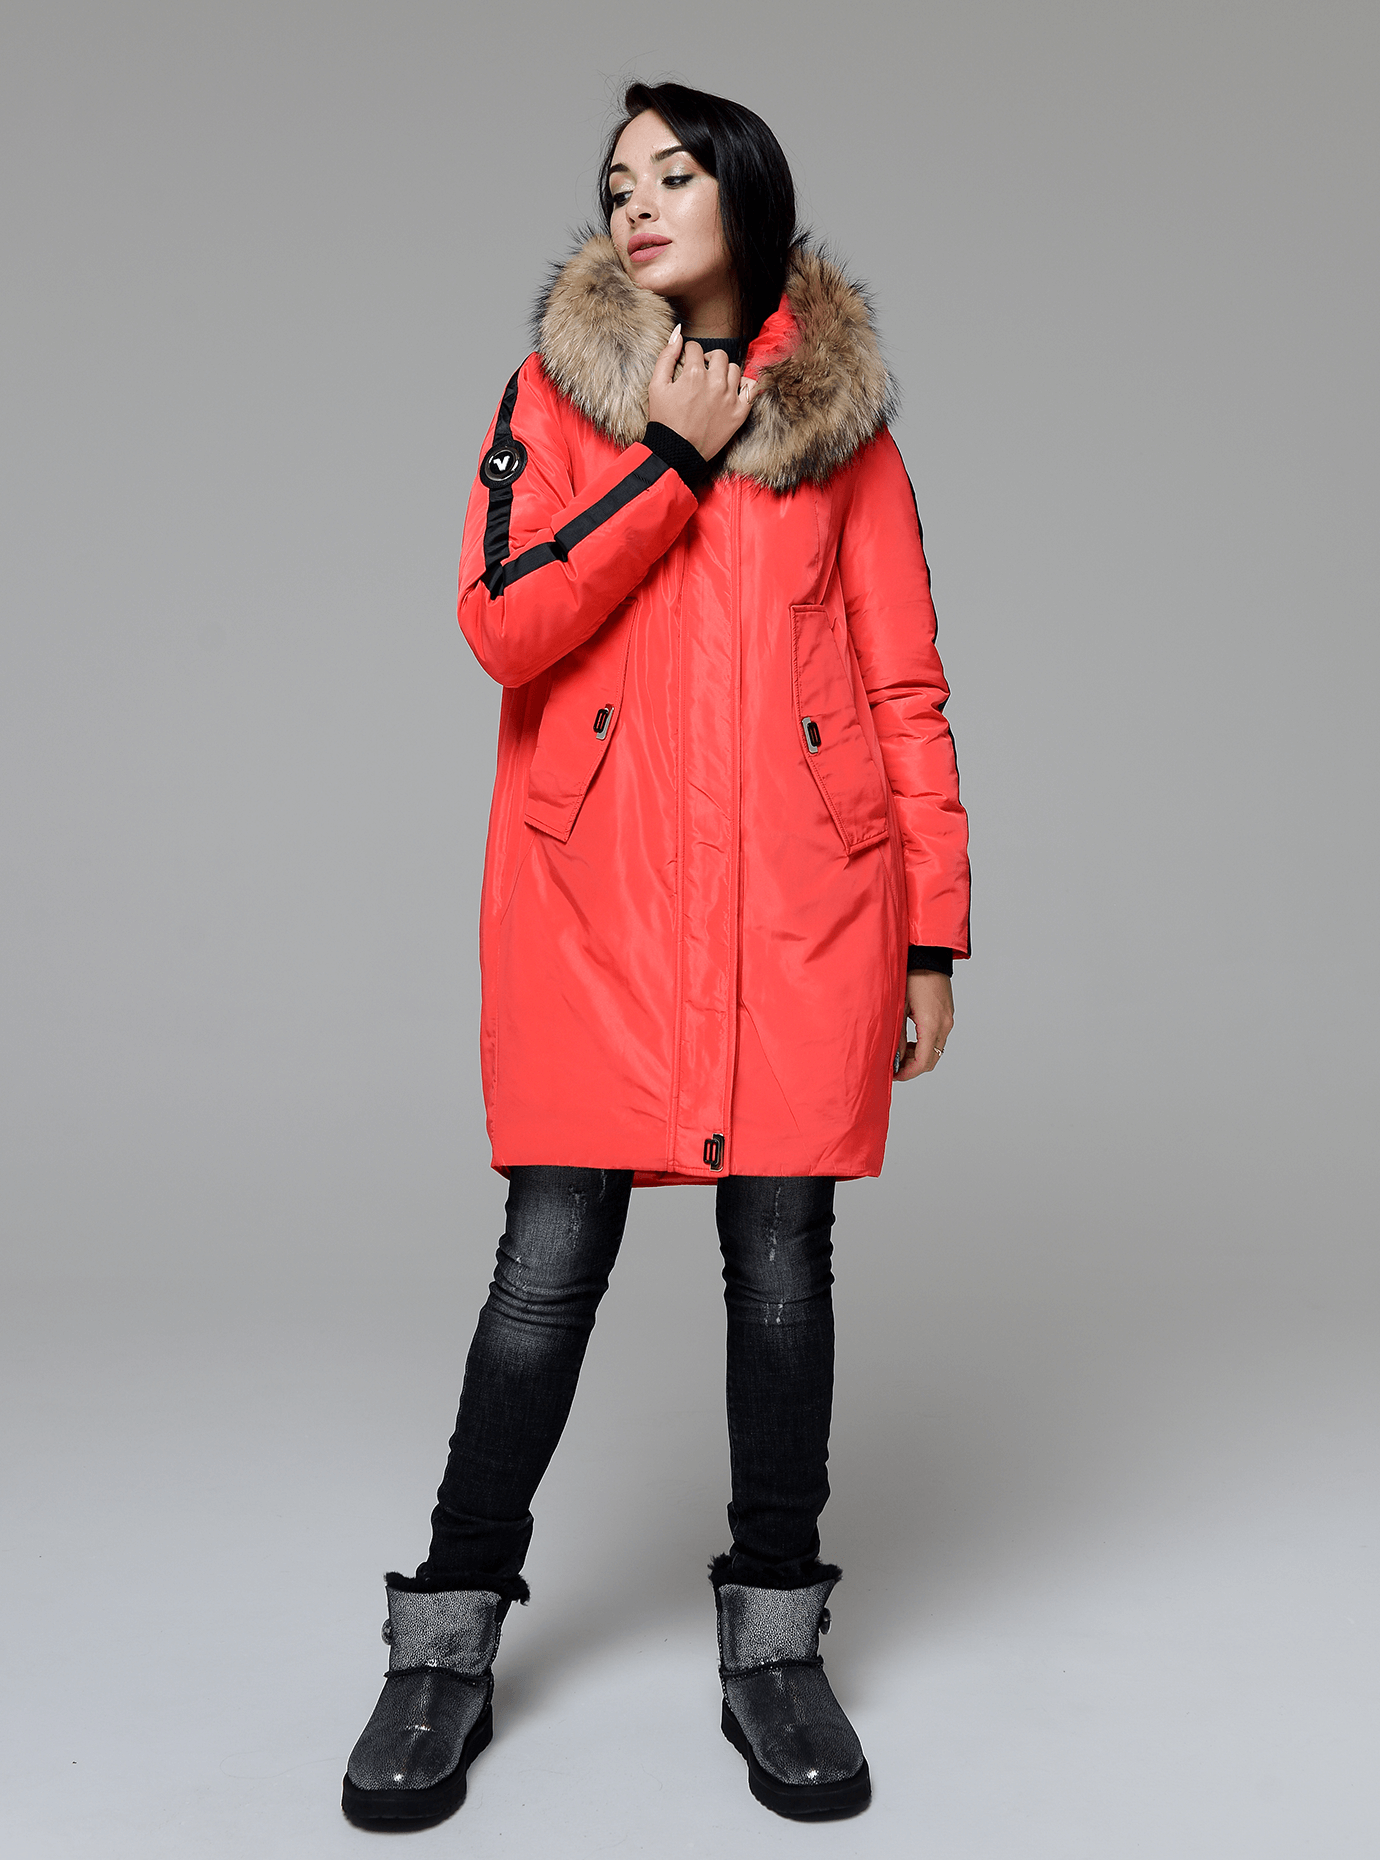 Куртка зимняя длинная со вставкой из меха енота Красный S (05-V191213): фото - Alster.ua